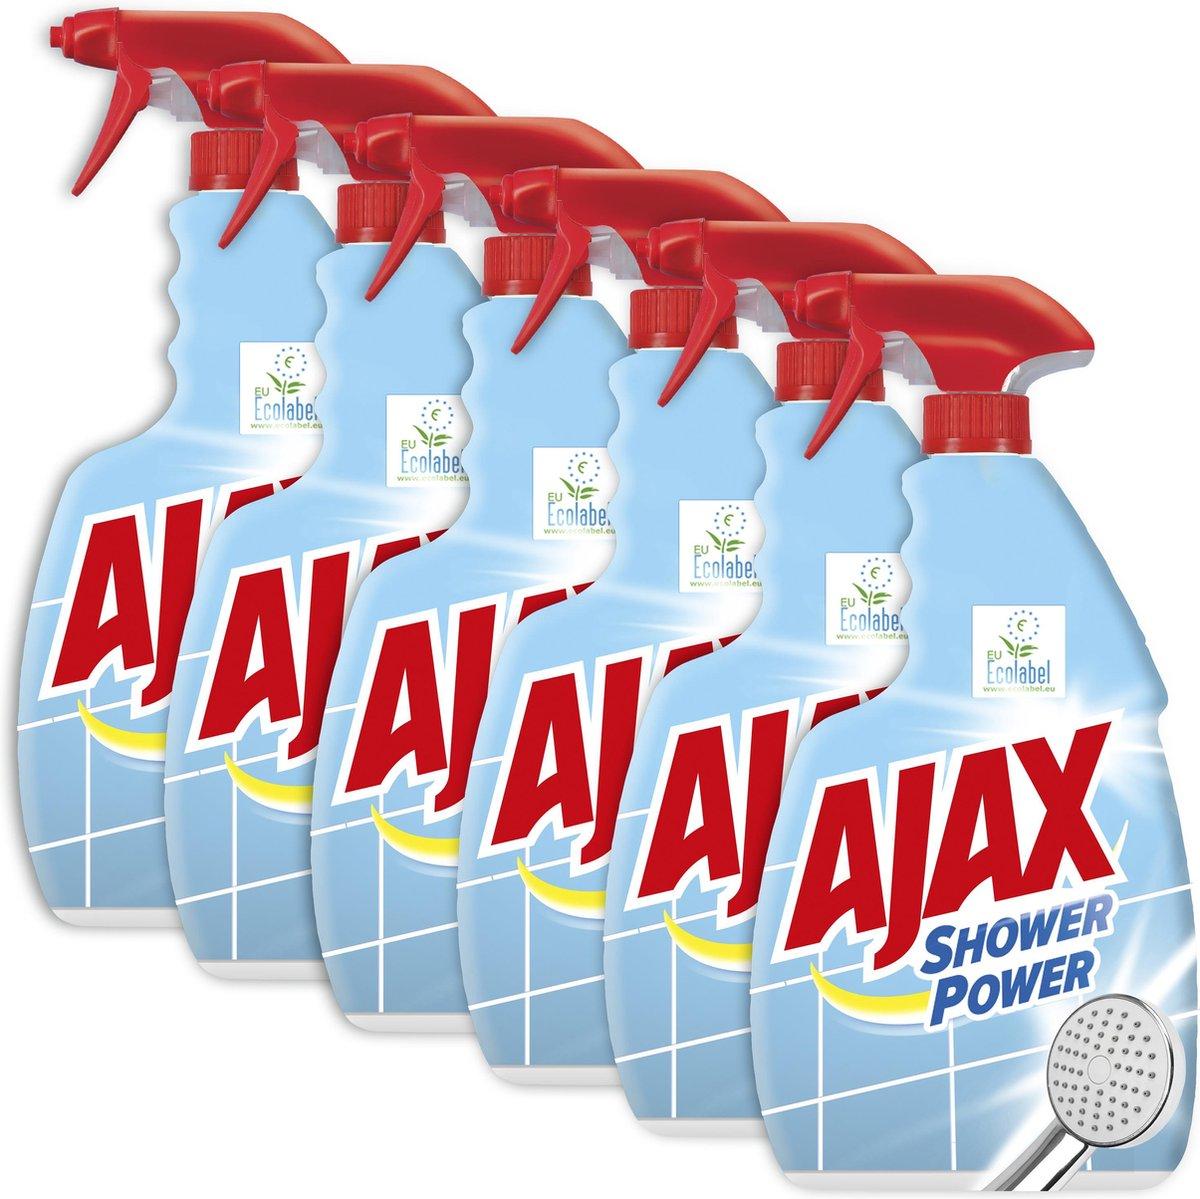 Bol Com Ajax Spray Shower Power 6 X 750ml Voordeelverpakking